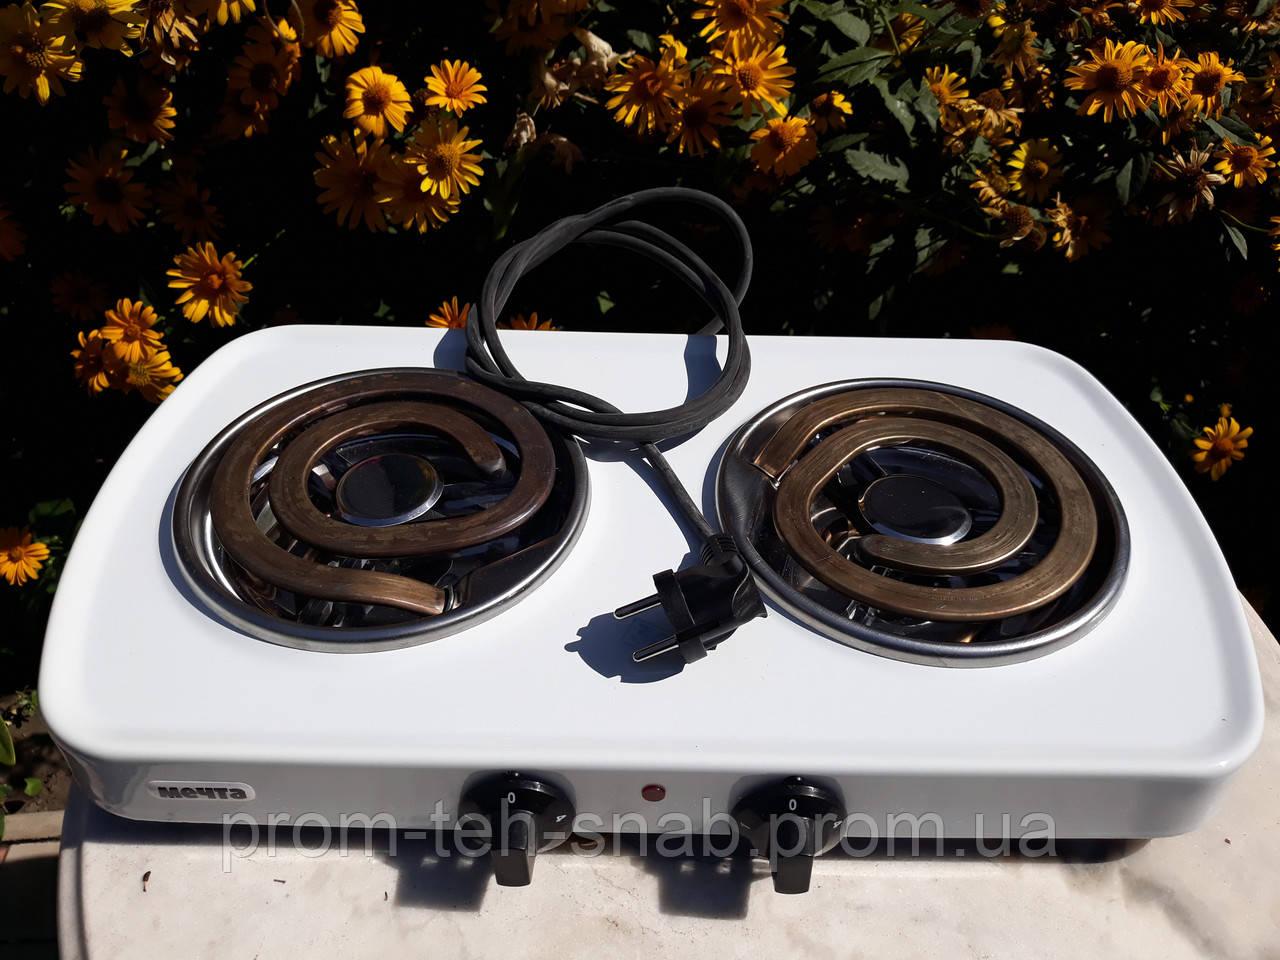 Електрична плита Мрія 212Т 2х-конф. біла